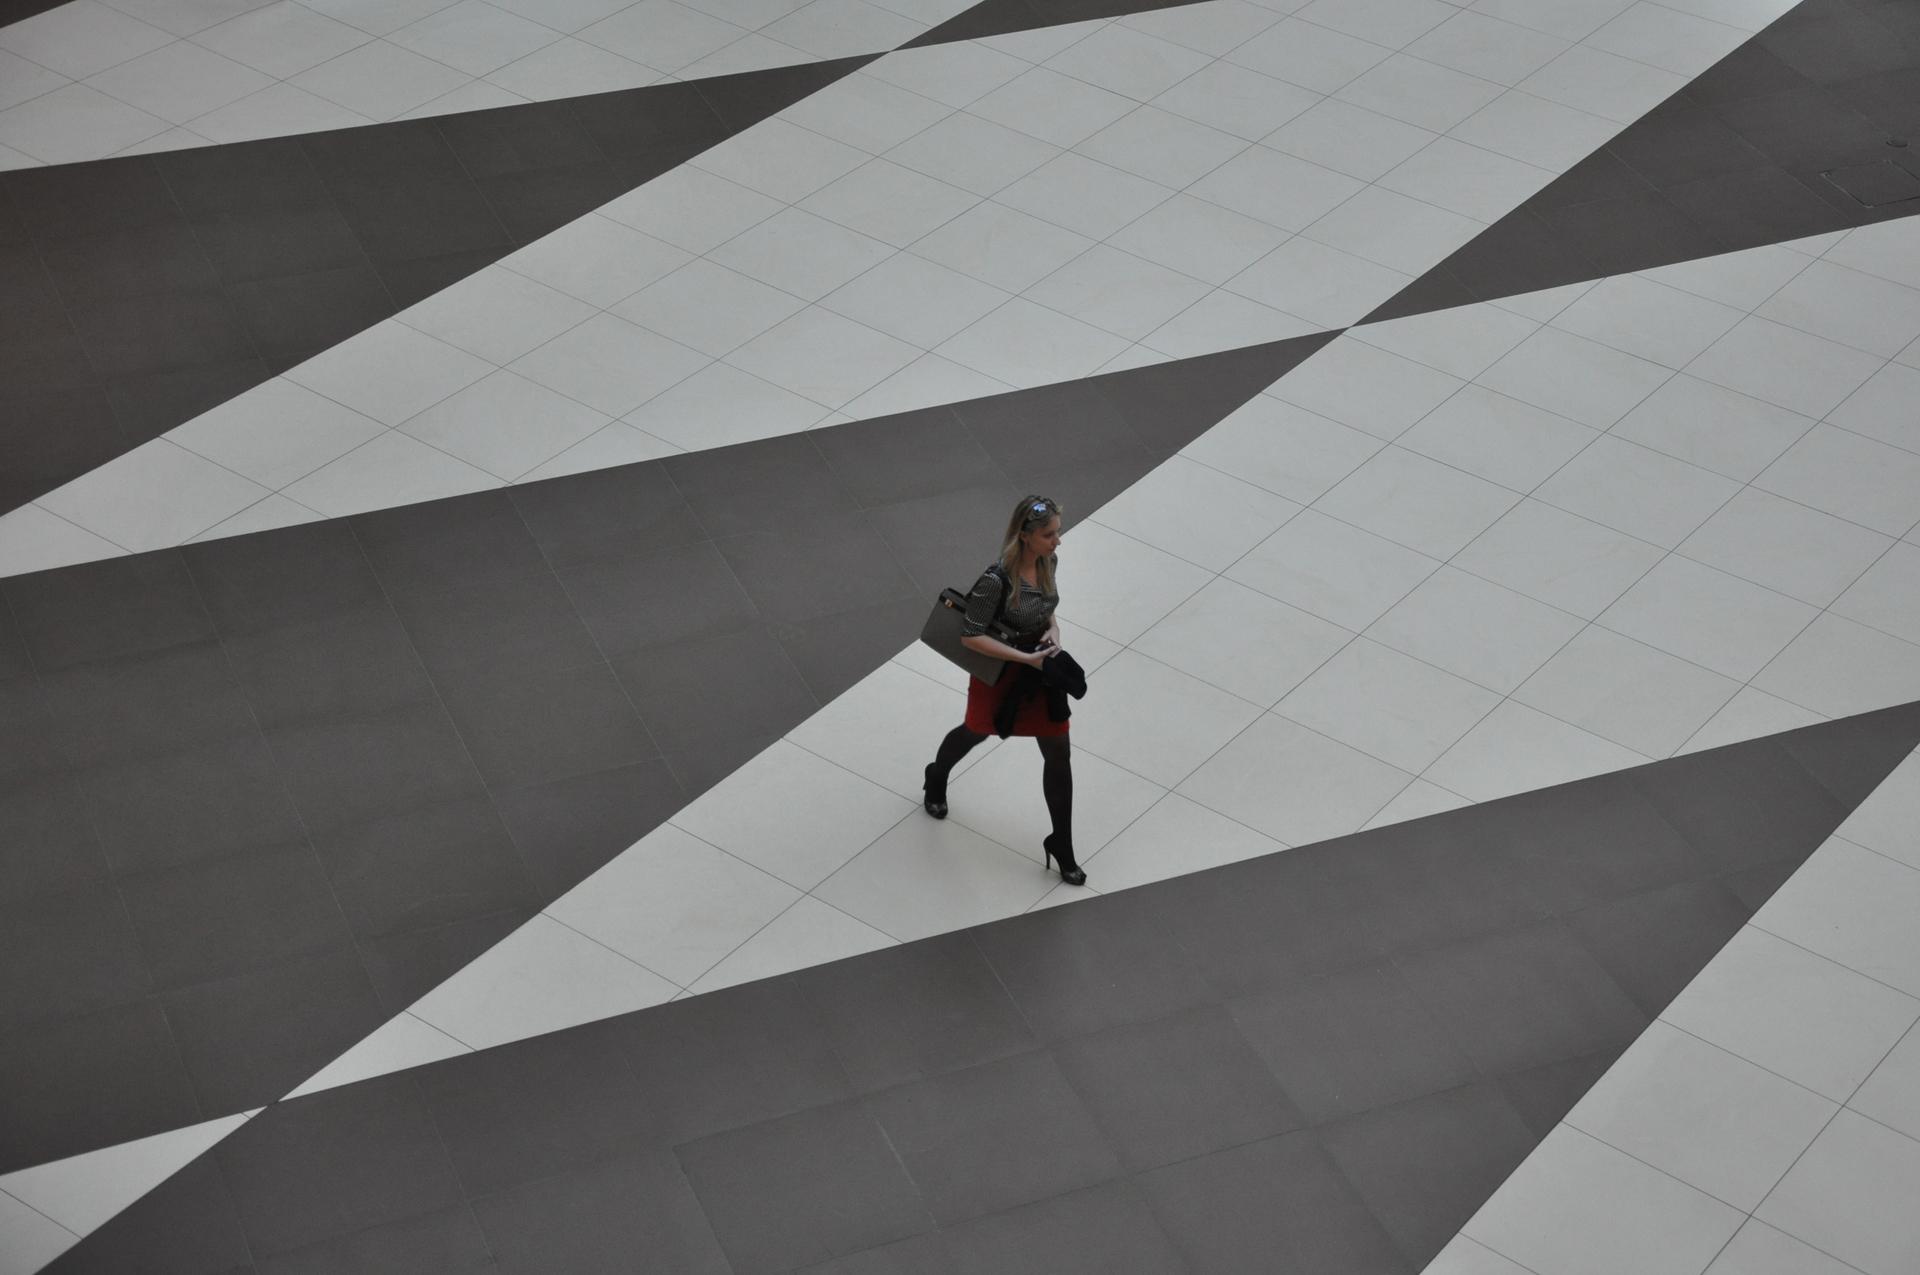 שש בש - סנט פטרסבורג - ריצפה - מרכז קניות - יואל שתרוג - אדמה יוצרת - yoel sitruk